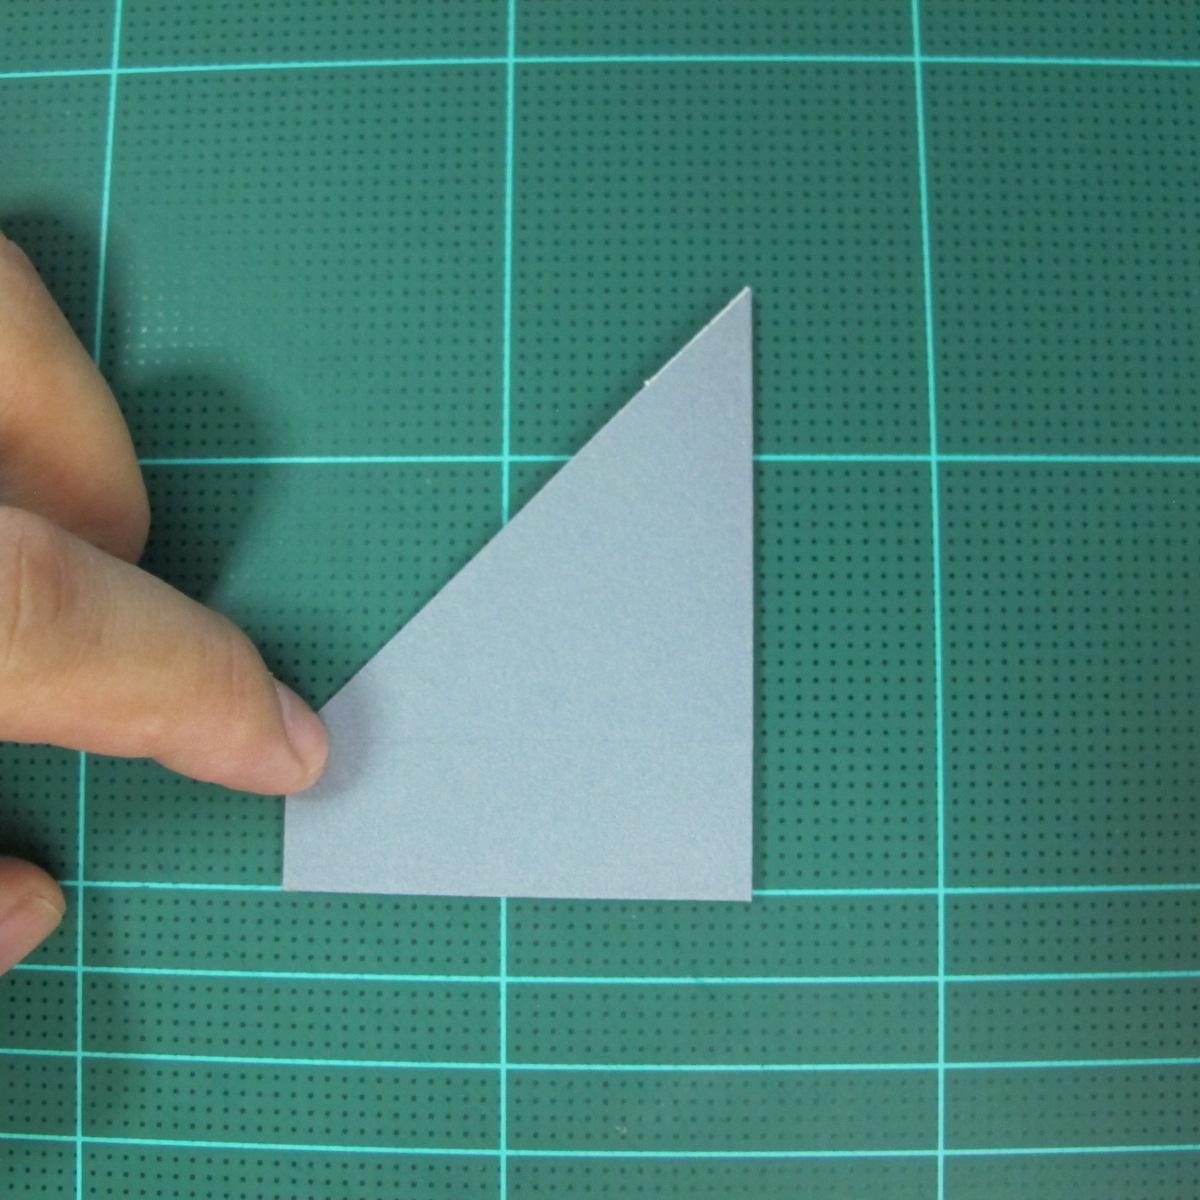 วิธีพับกล่องของขวัญแบบโมดูล่า (Modular Origami Decorative Box) โดย Tomoko Fuse 015